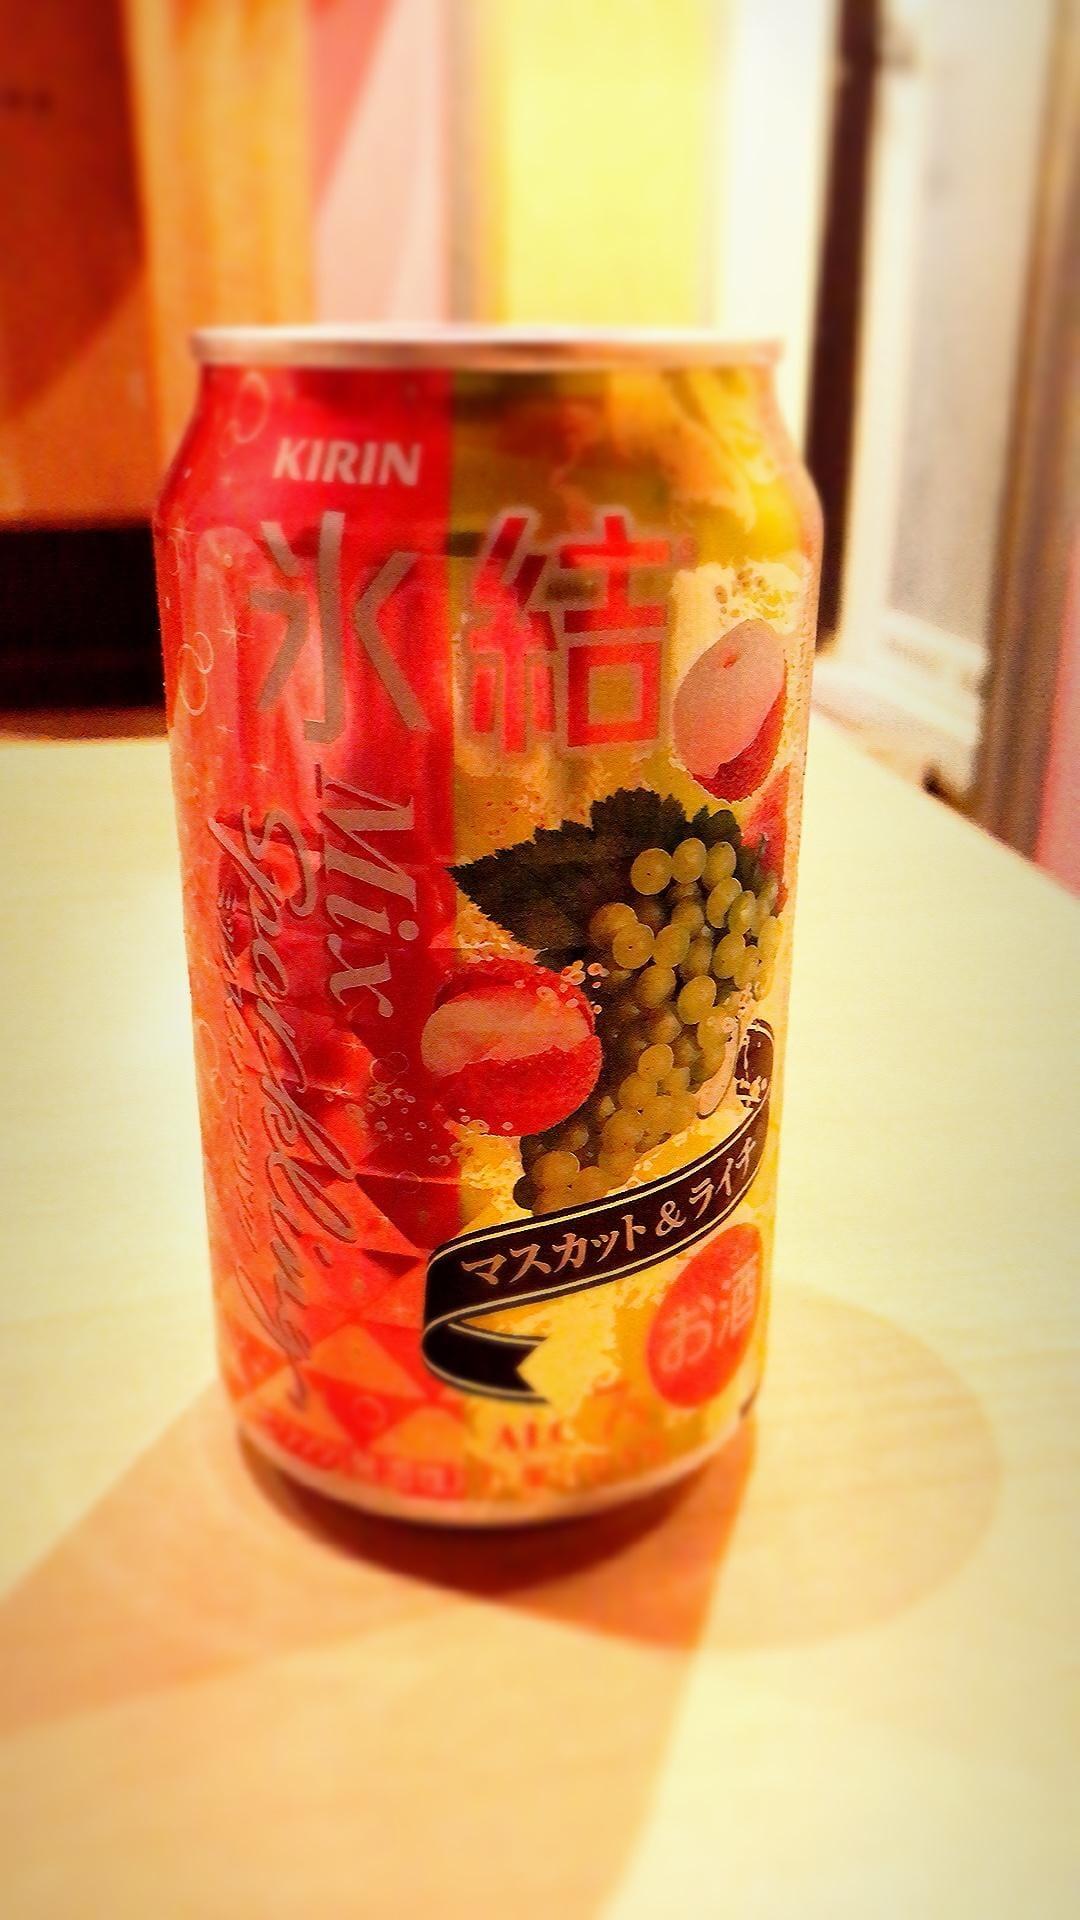 「♥お礼です。♥」07/17(火) 14:20   芹沢 月姫の写メ・風俗動画